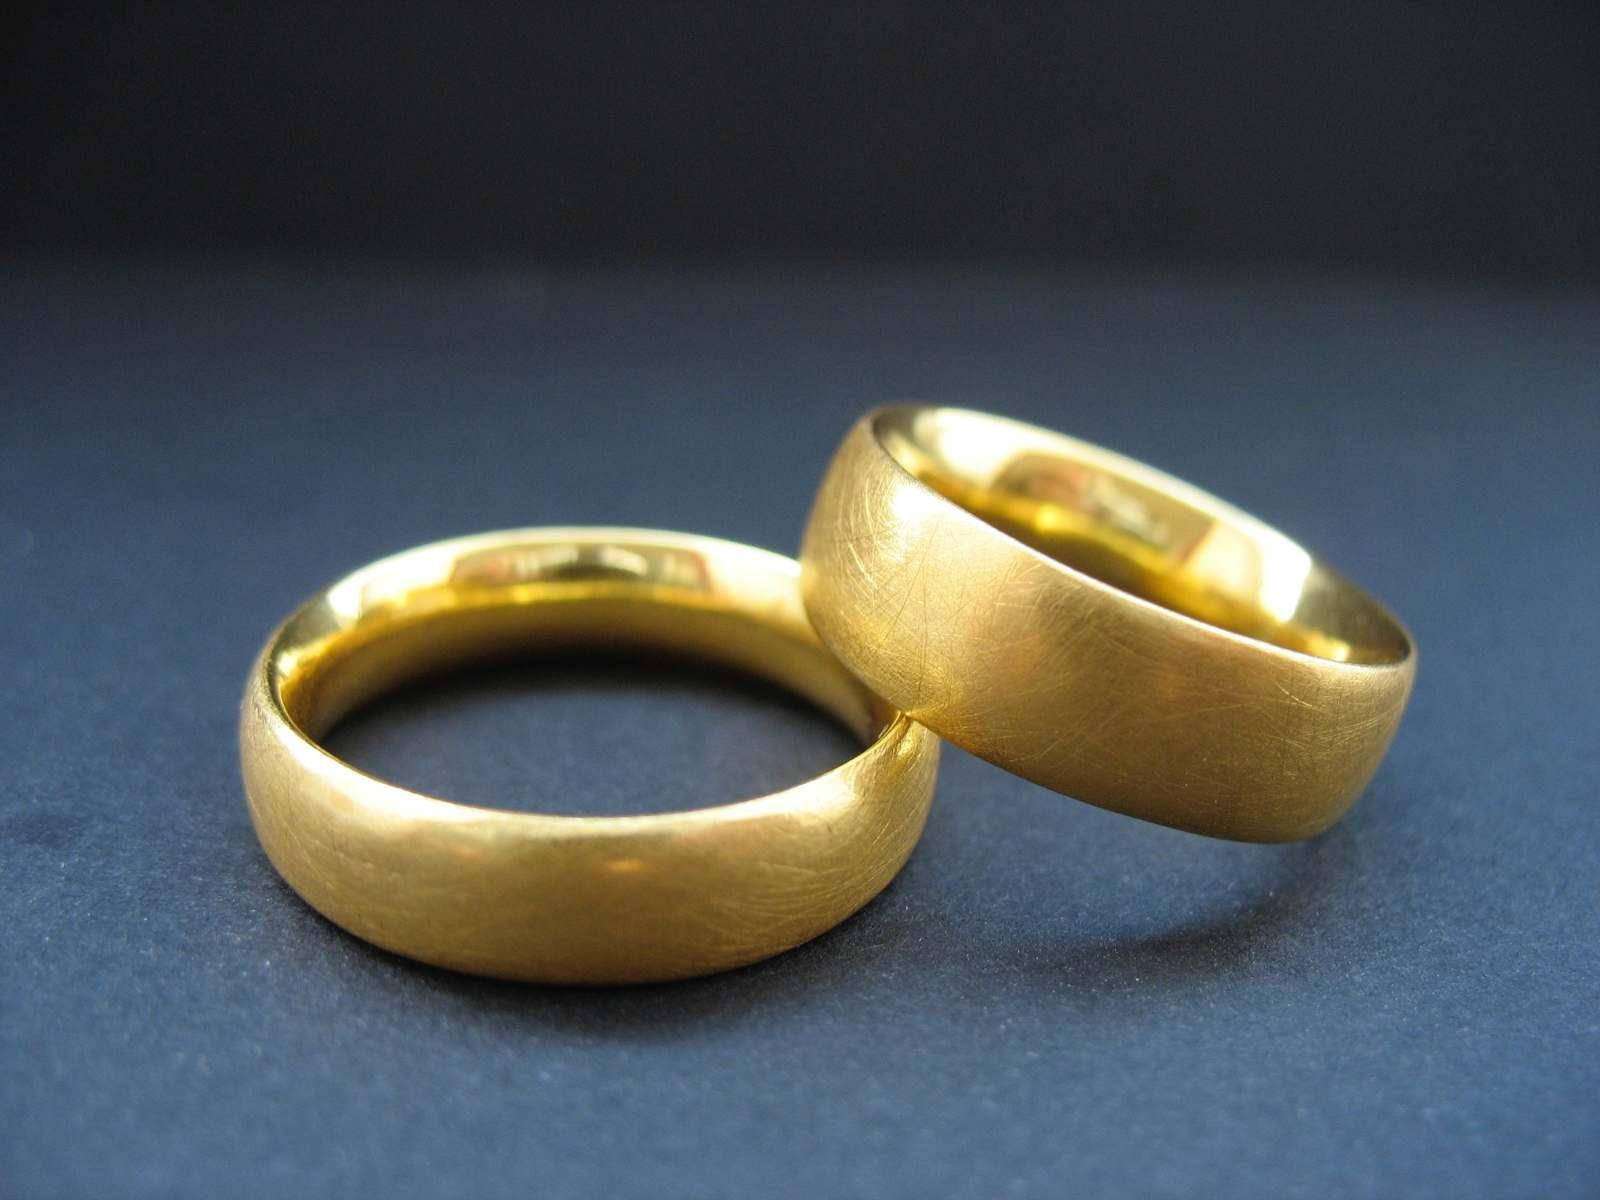 Eheringe Gold matt n°5 - Letizia Plankensteiner – Schmuckunikate